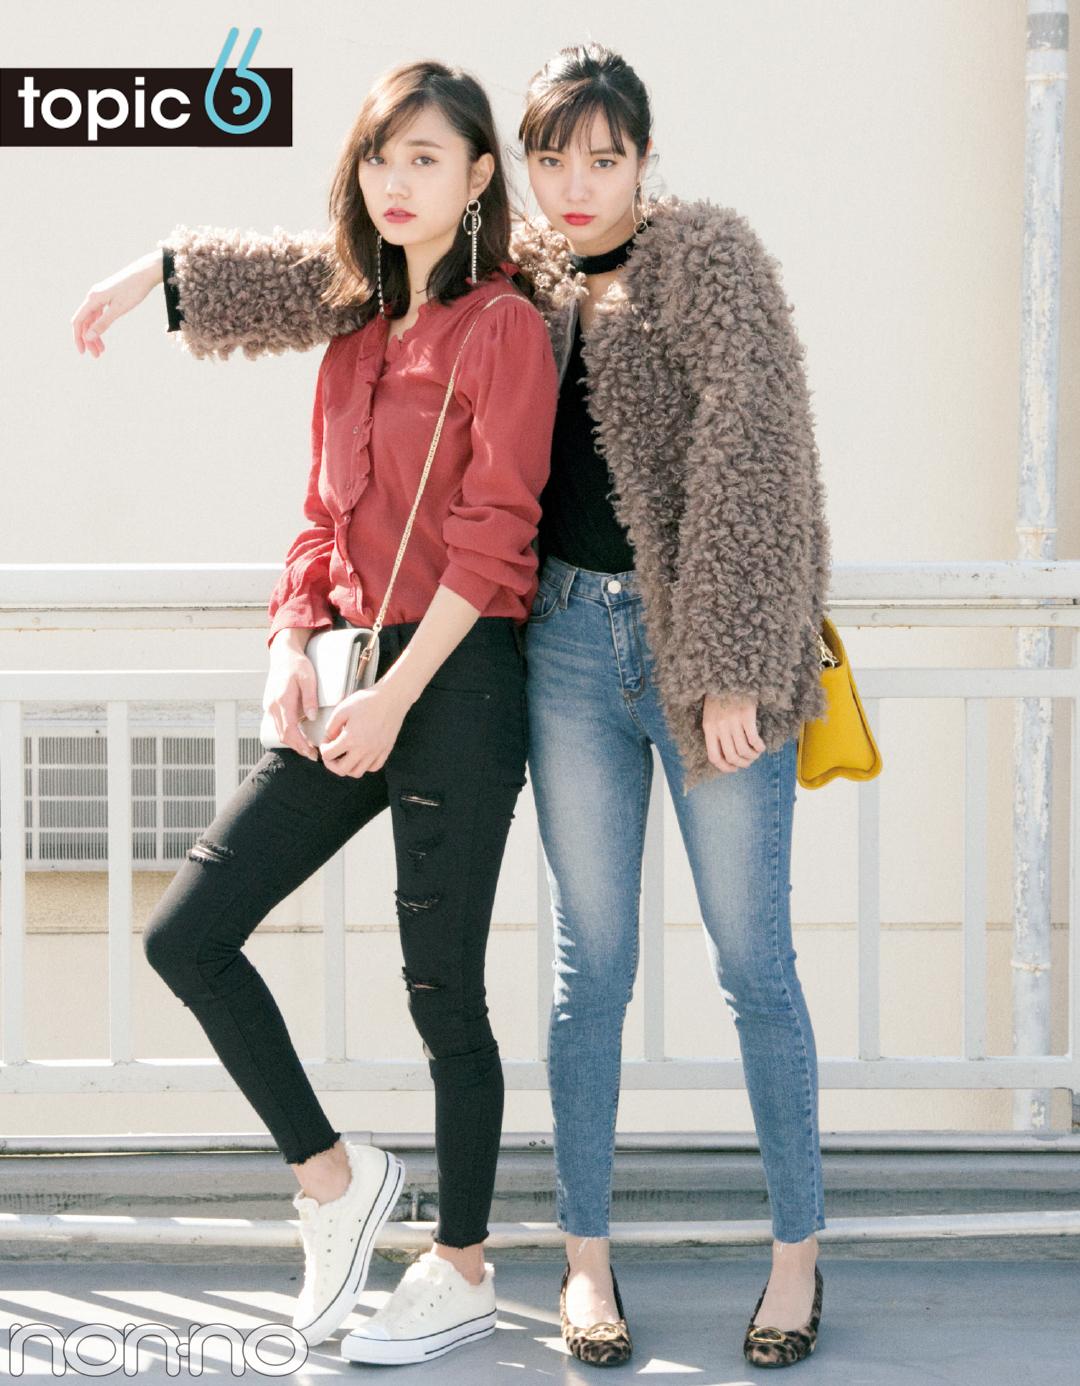 6c6d2984ea620 前の記事 日本でも大人気の韓国スキニーデニム♡ chuuの-5㎏ jeansはコレ